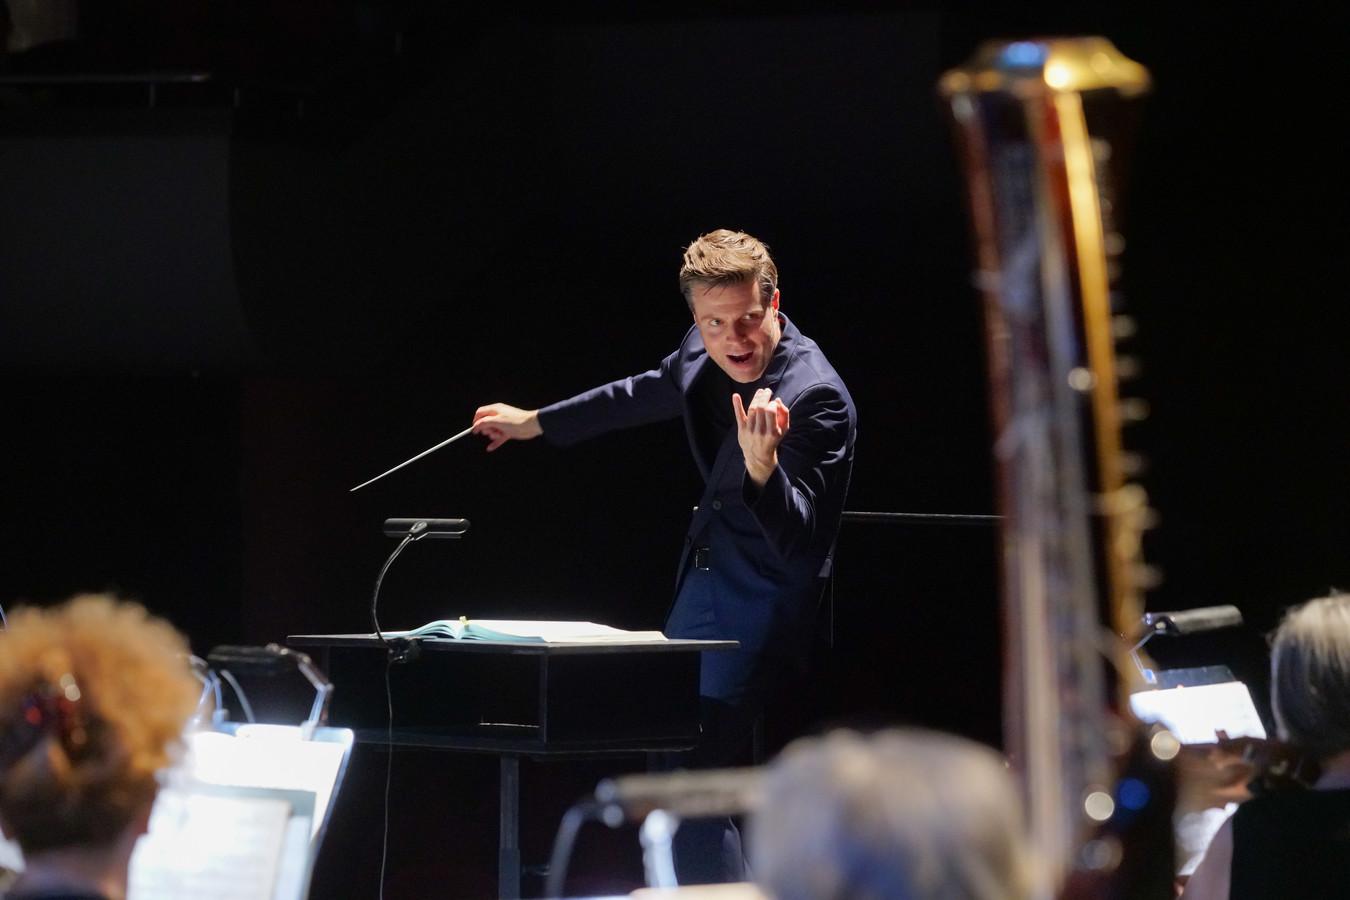 Dirigent Michael Engelbrecht uit Den Bosch in actie tijdens het galaconcert en tevens wedstrijd in Bulgarije. ,,Als operadirigent ben je geen allemansvriend. Je moet het voortouw durven nemen.''